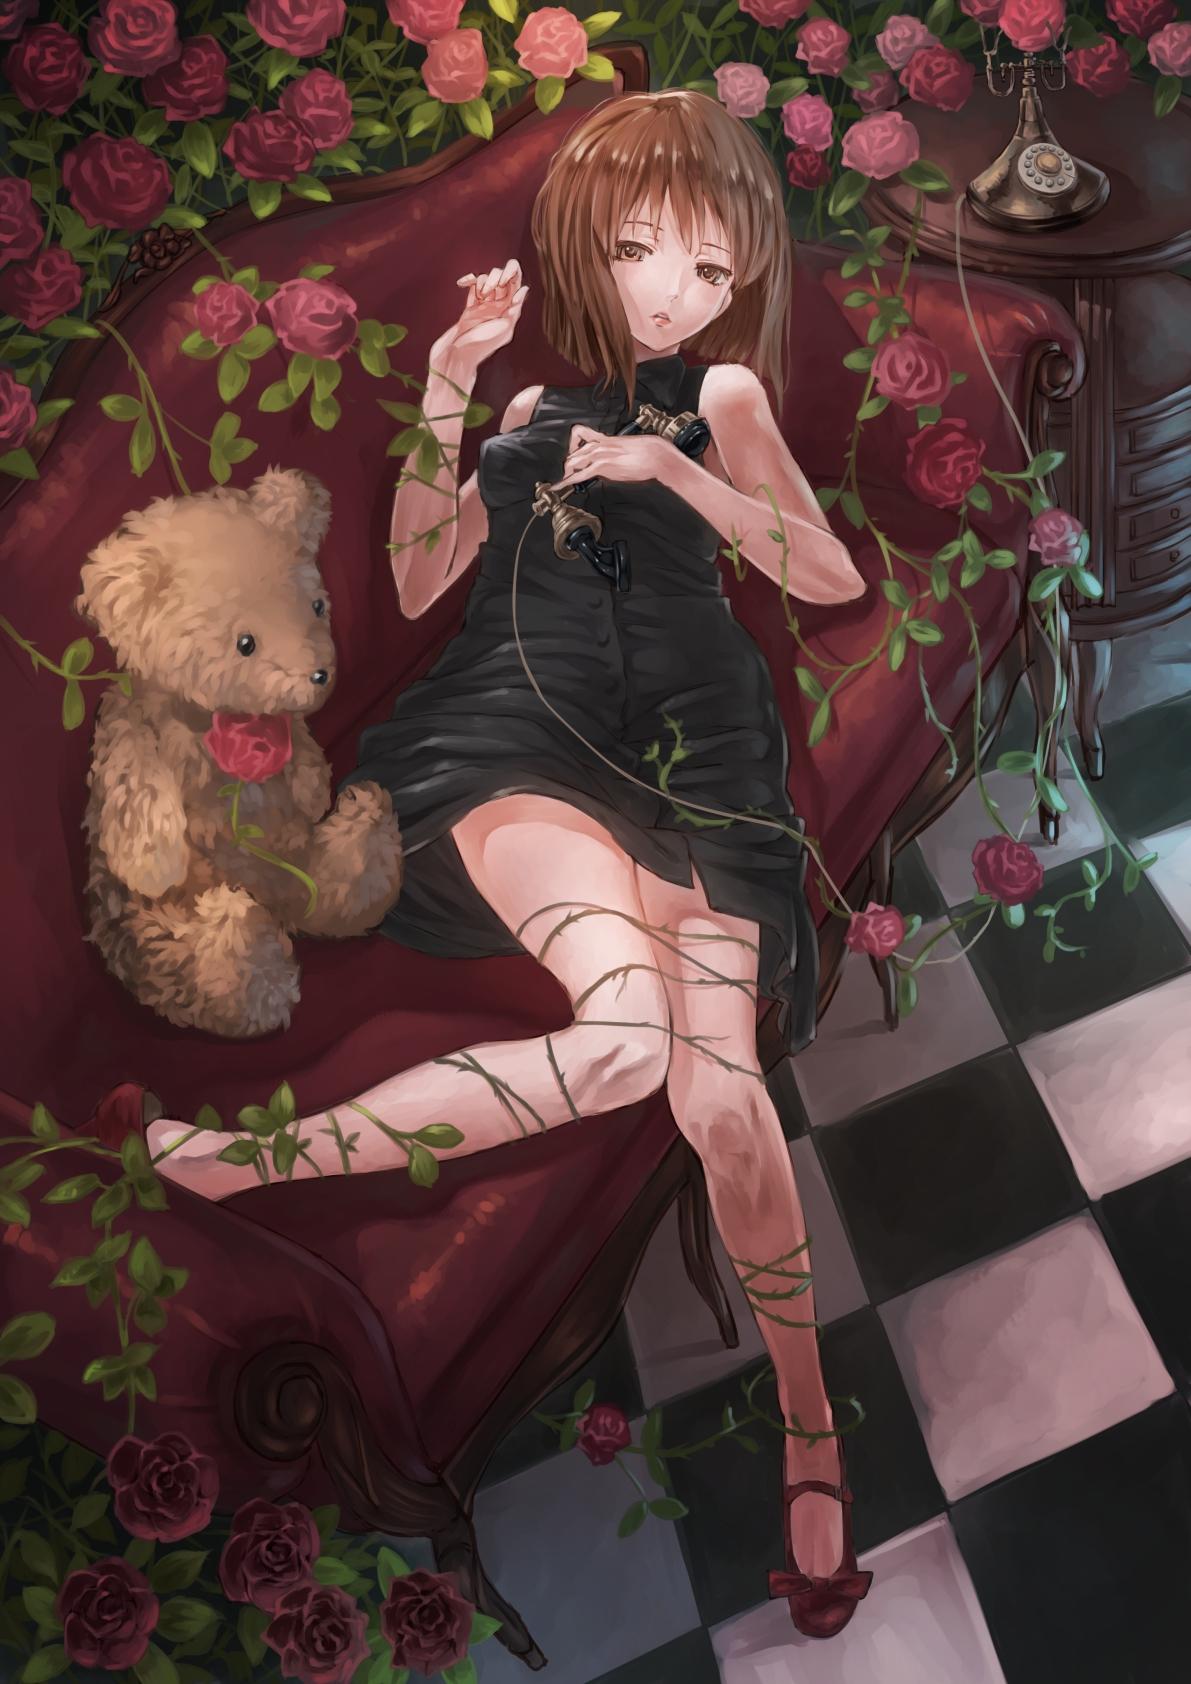 アイドルマスター 萩原雪歩 / THE IDOLM@STER Hagiwara Yukiho #179